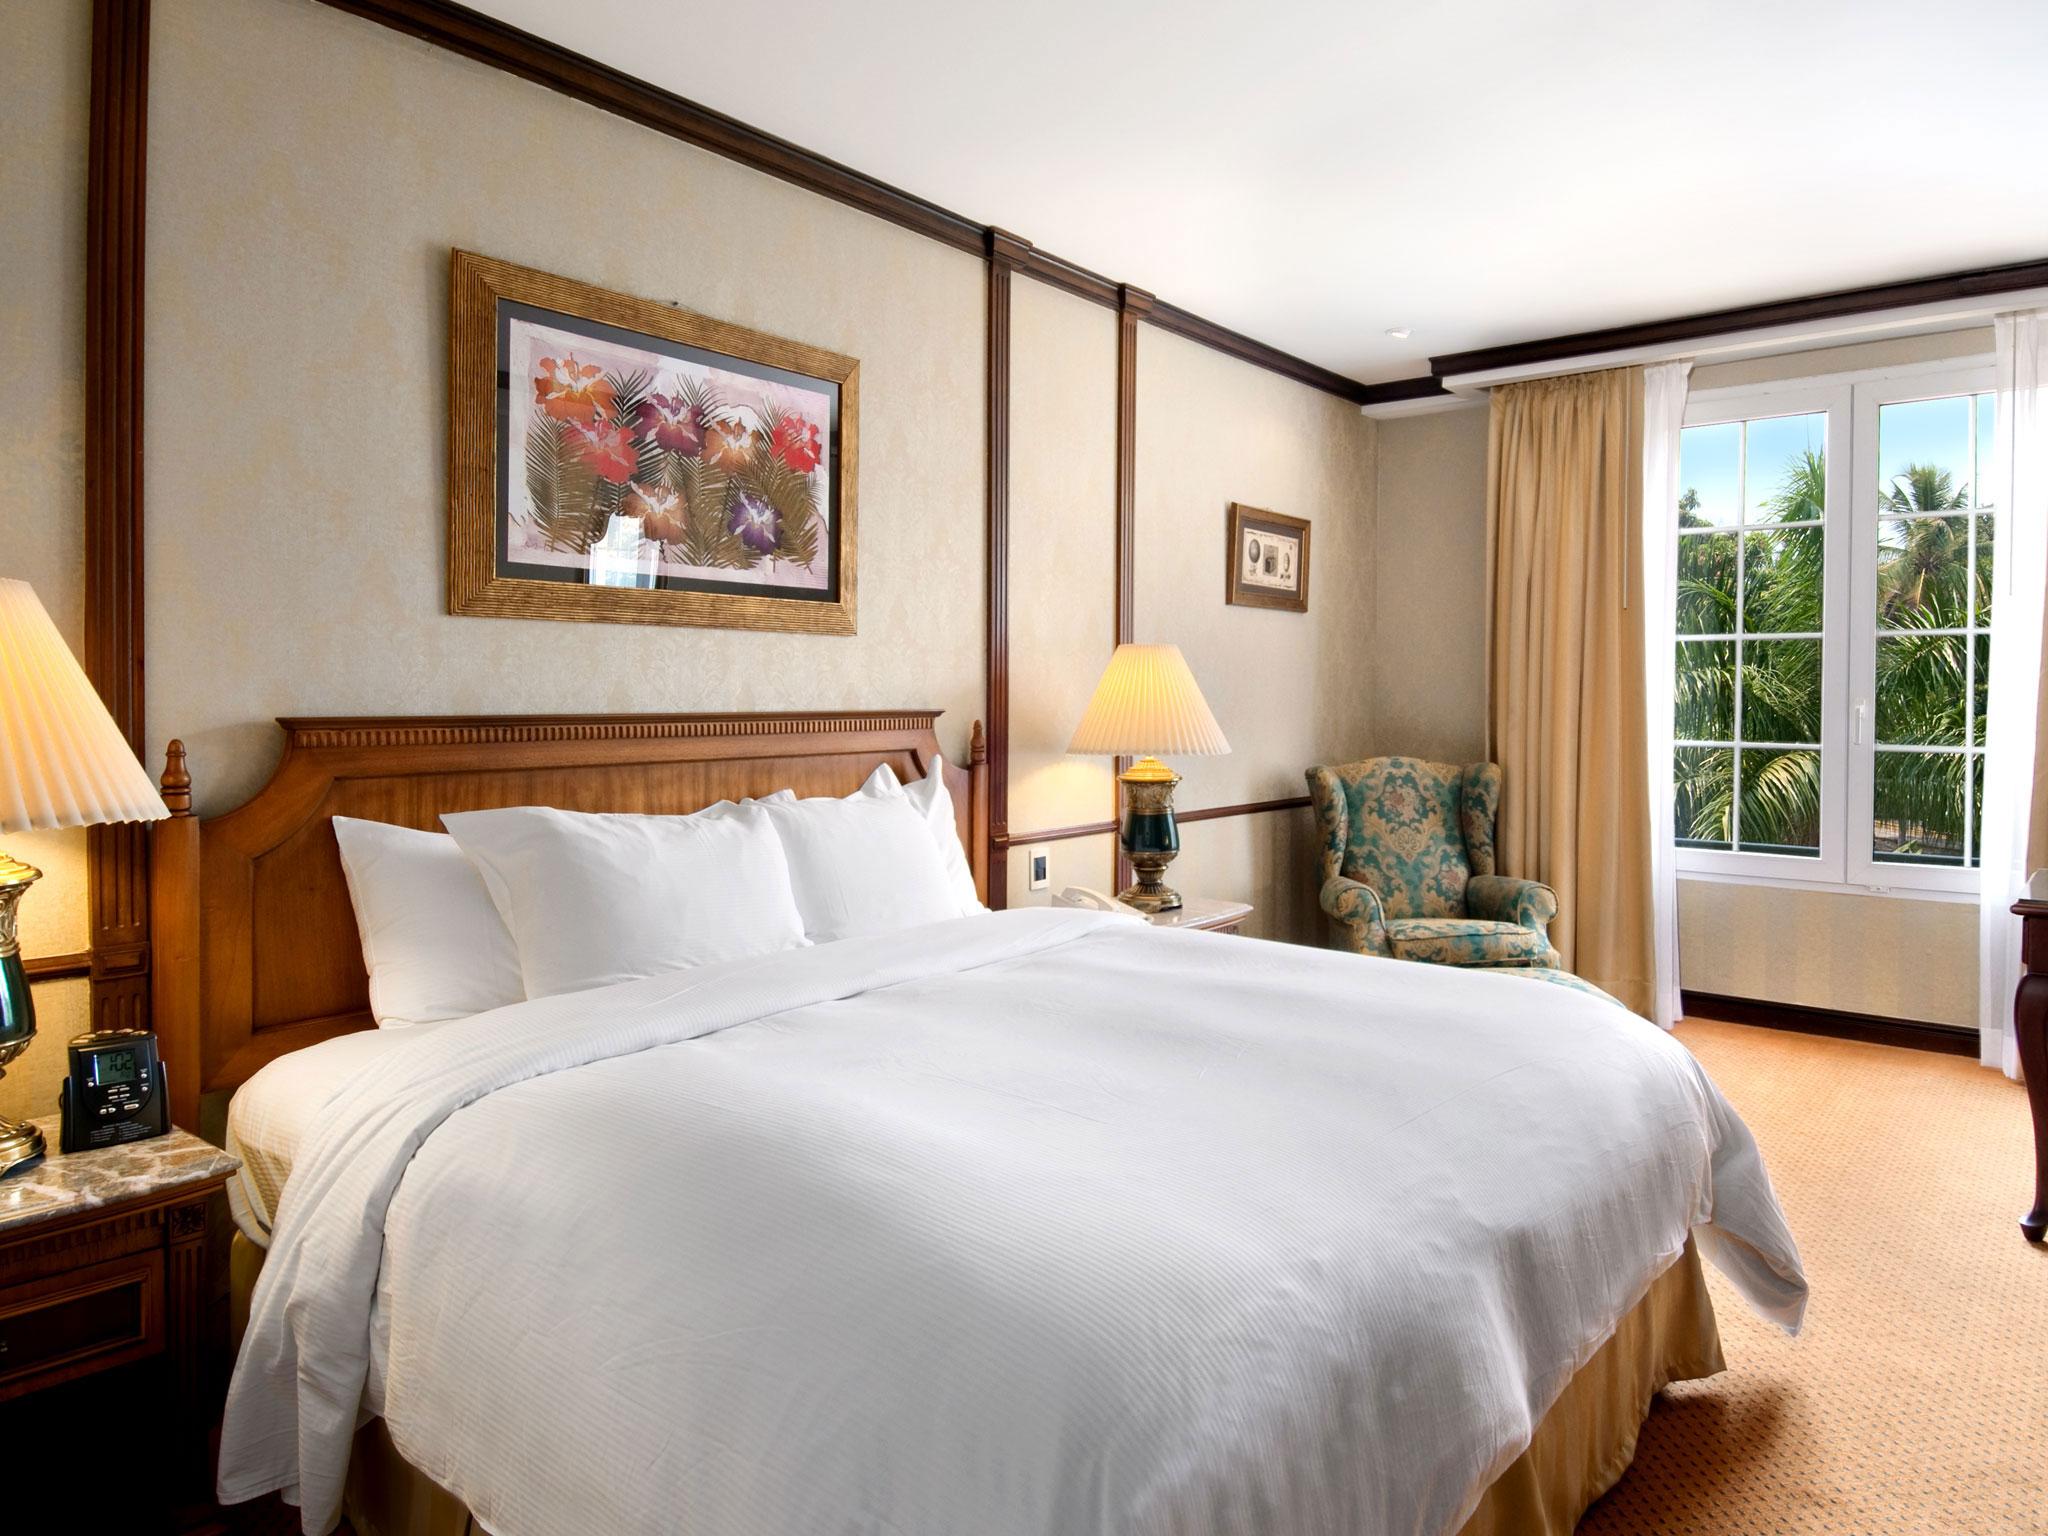 Hilton Princess San Pedro Sula Hotel, Honduras - Habitación con cama King